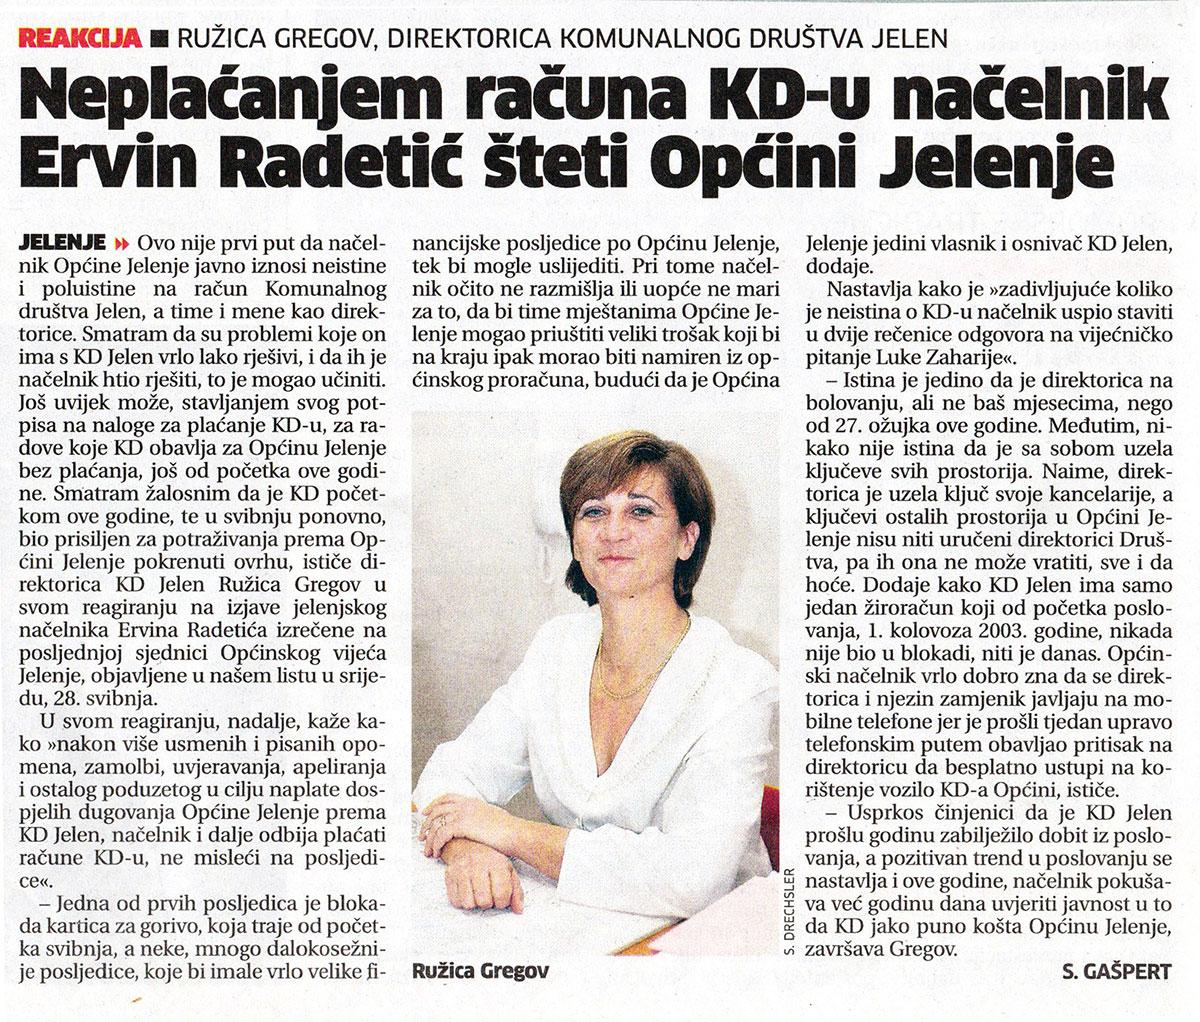 Ervin Radetić želi dovesti KD Jelen u stečaj